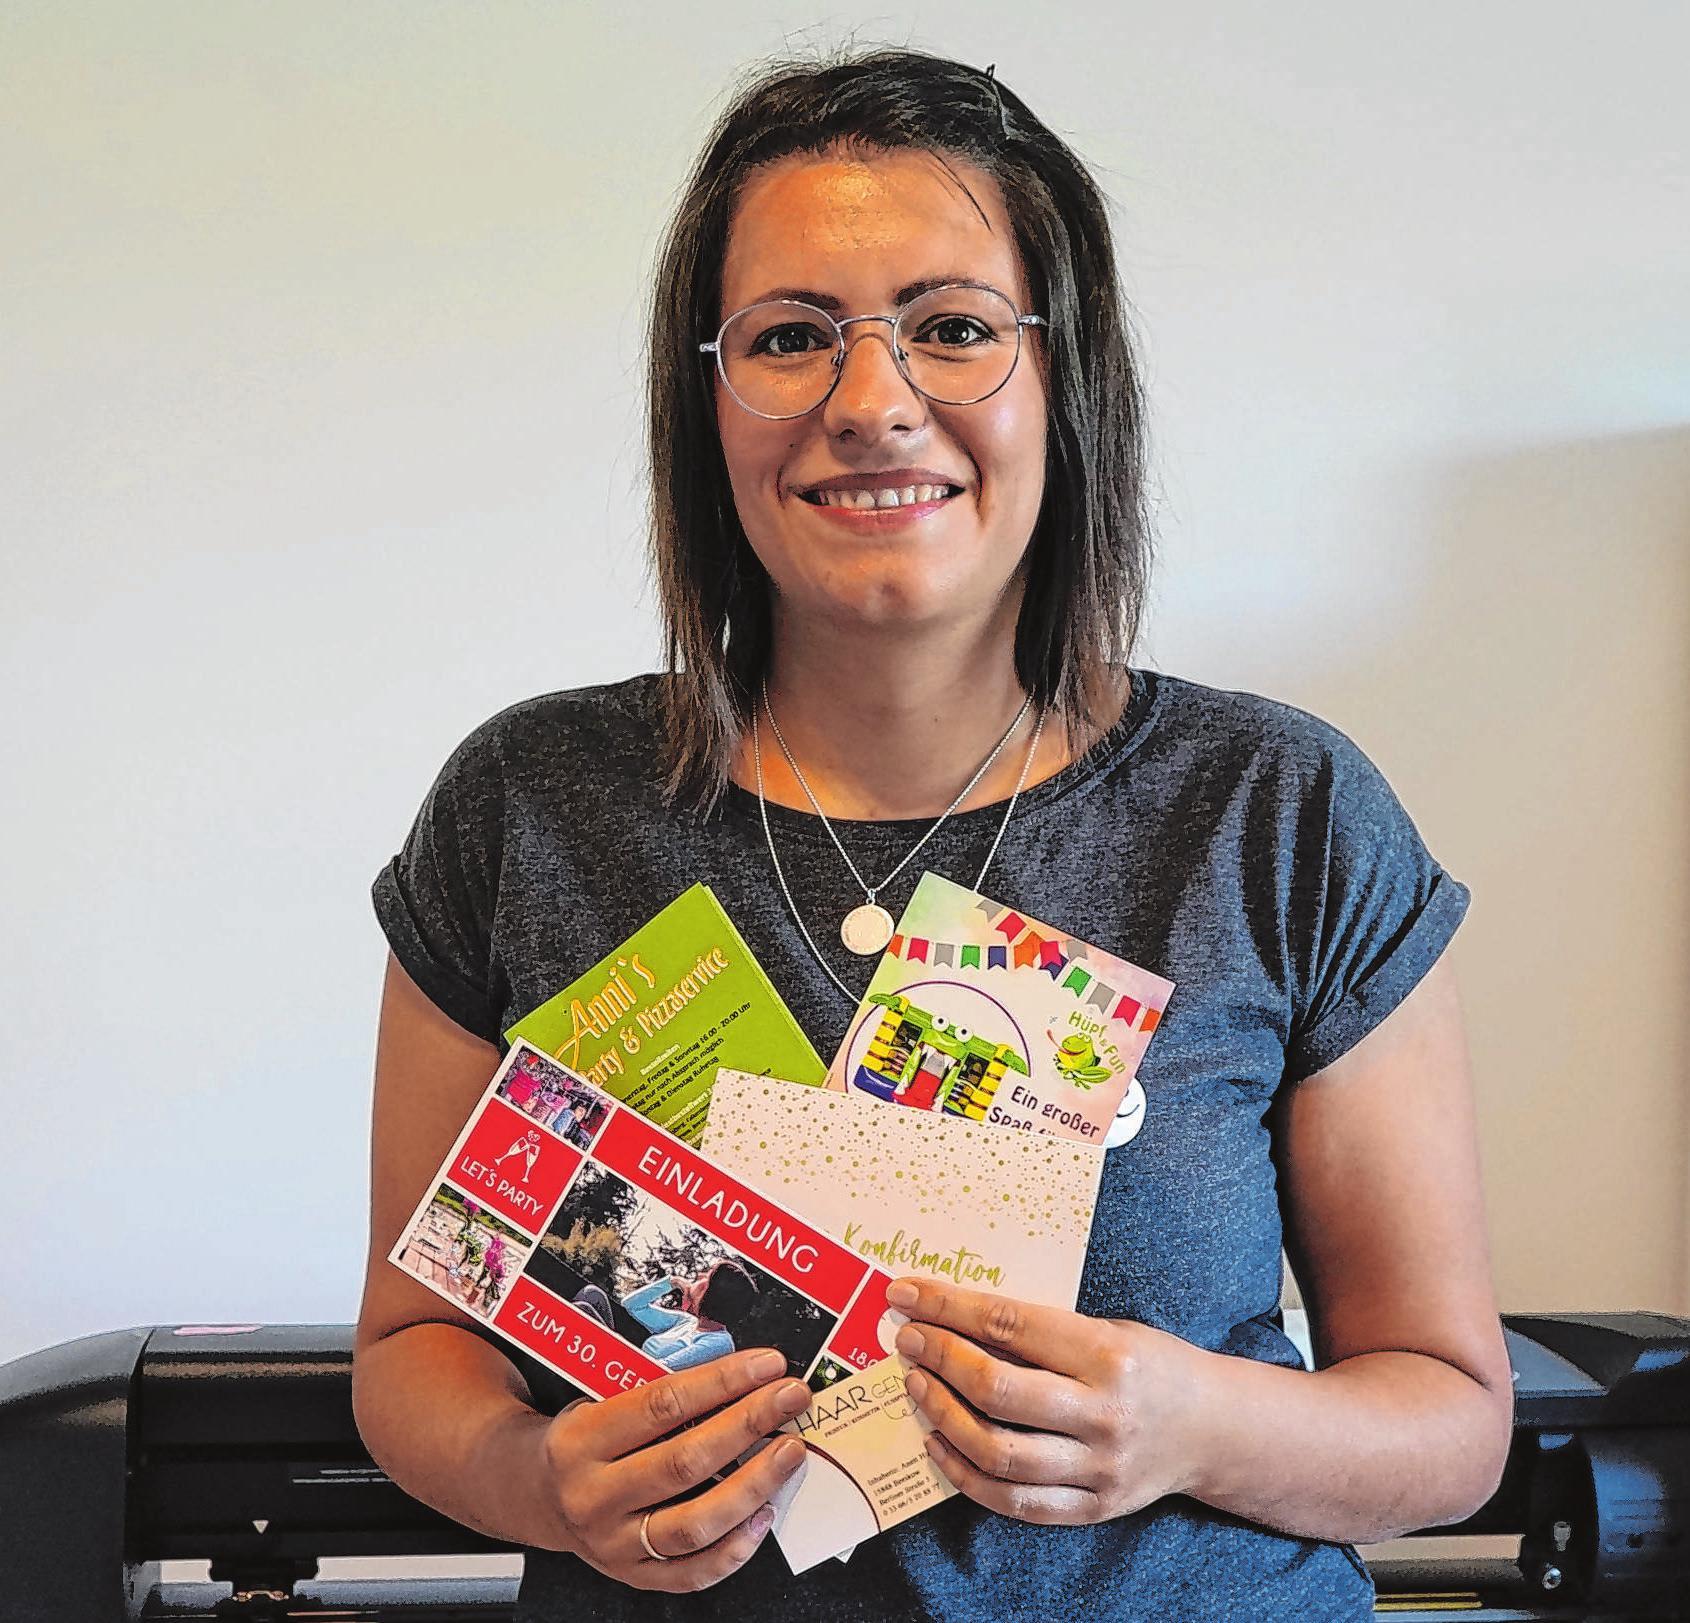 Firmeninhaberin Maria Welke arbeitet für Geschäfts- und Privatkunden. Neben Karten und Flyern entwirft sie unter anderem Autobeschriftungen.